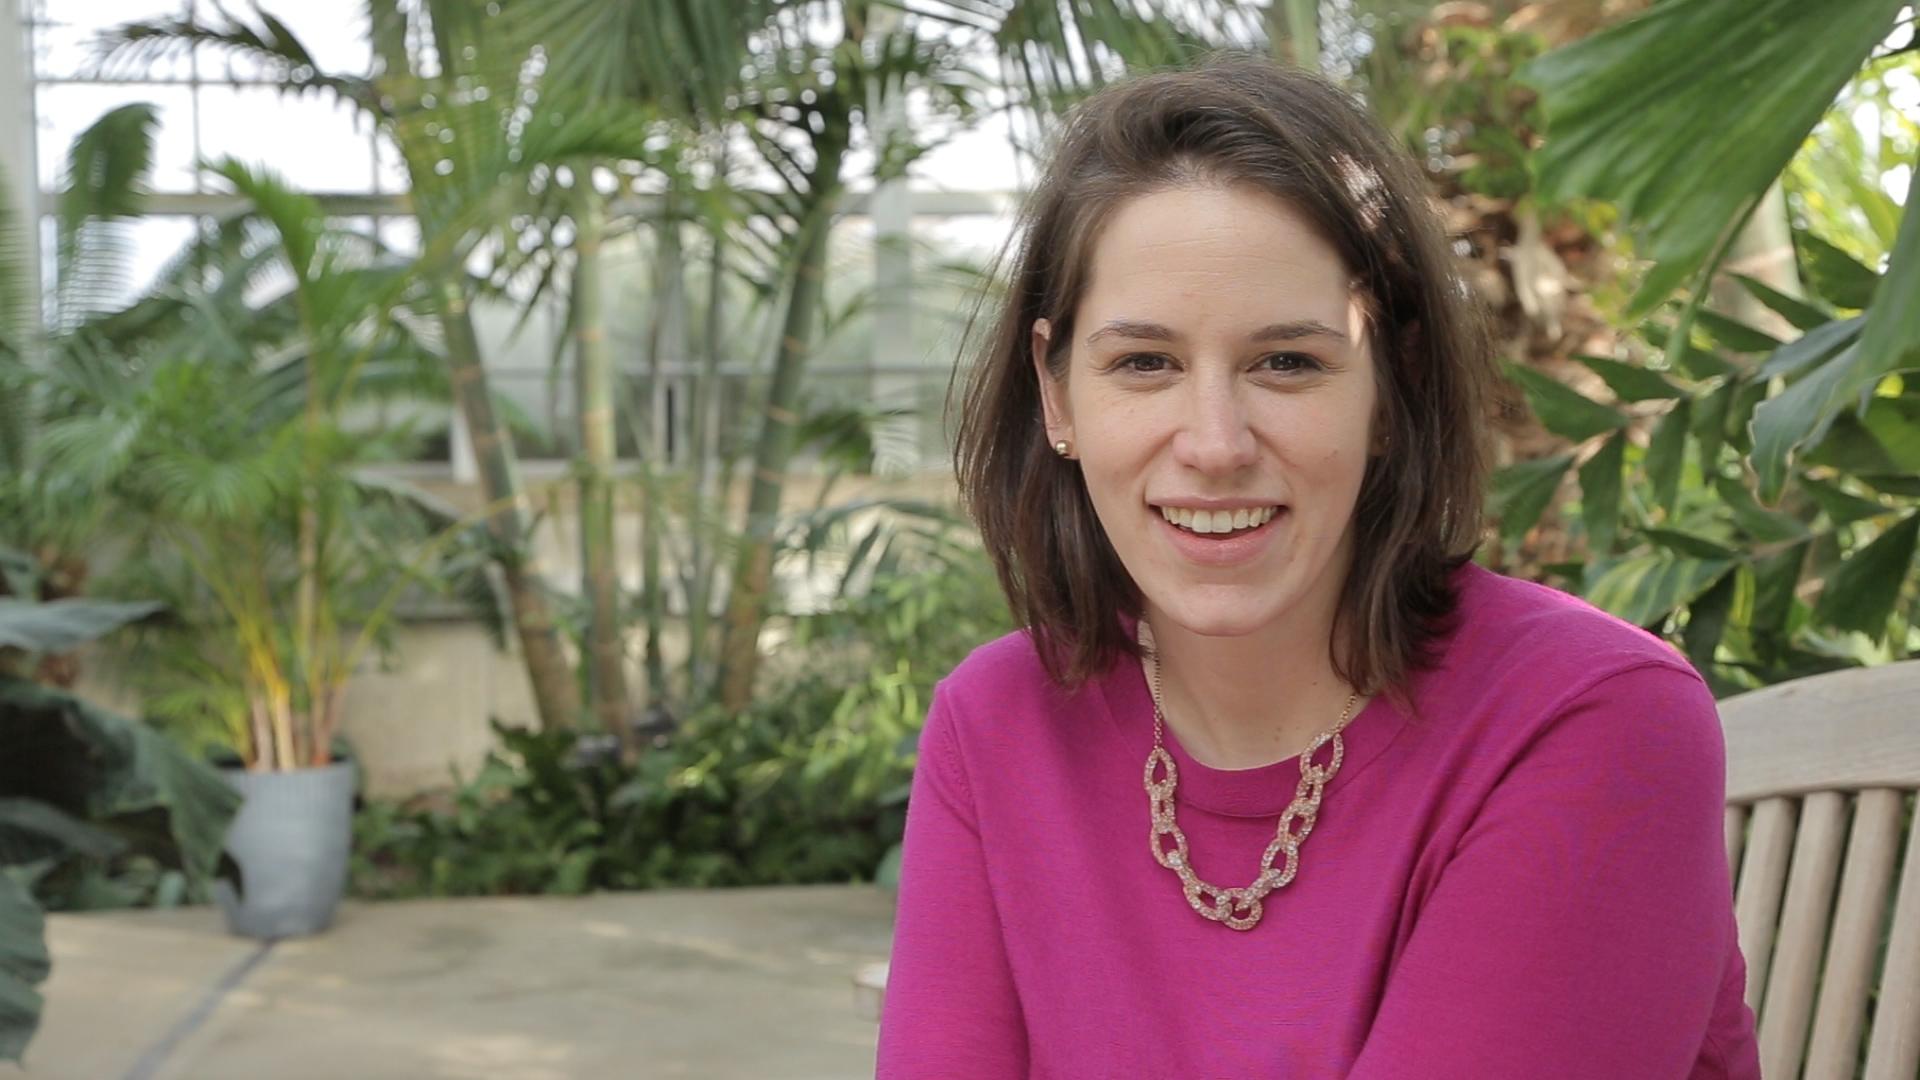 Board Member - Elise Swearingen